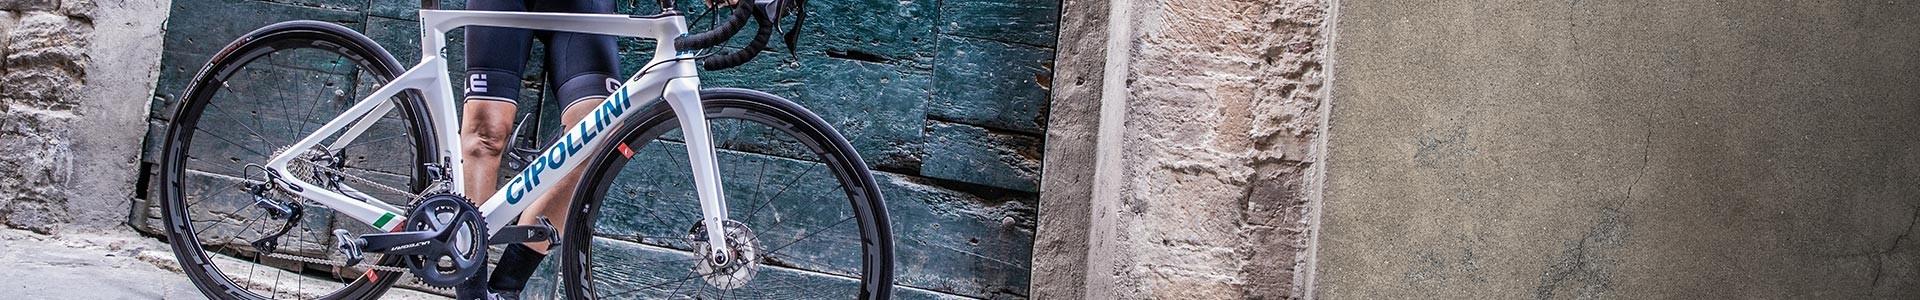 Rennrad-Rahmen und Gravel-Rahmensets online kaufen | Bikespell.com